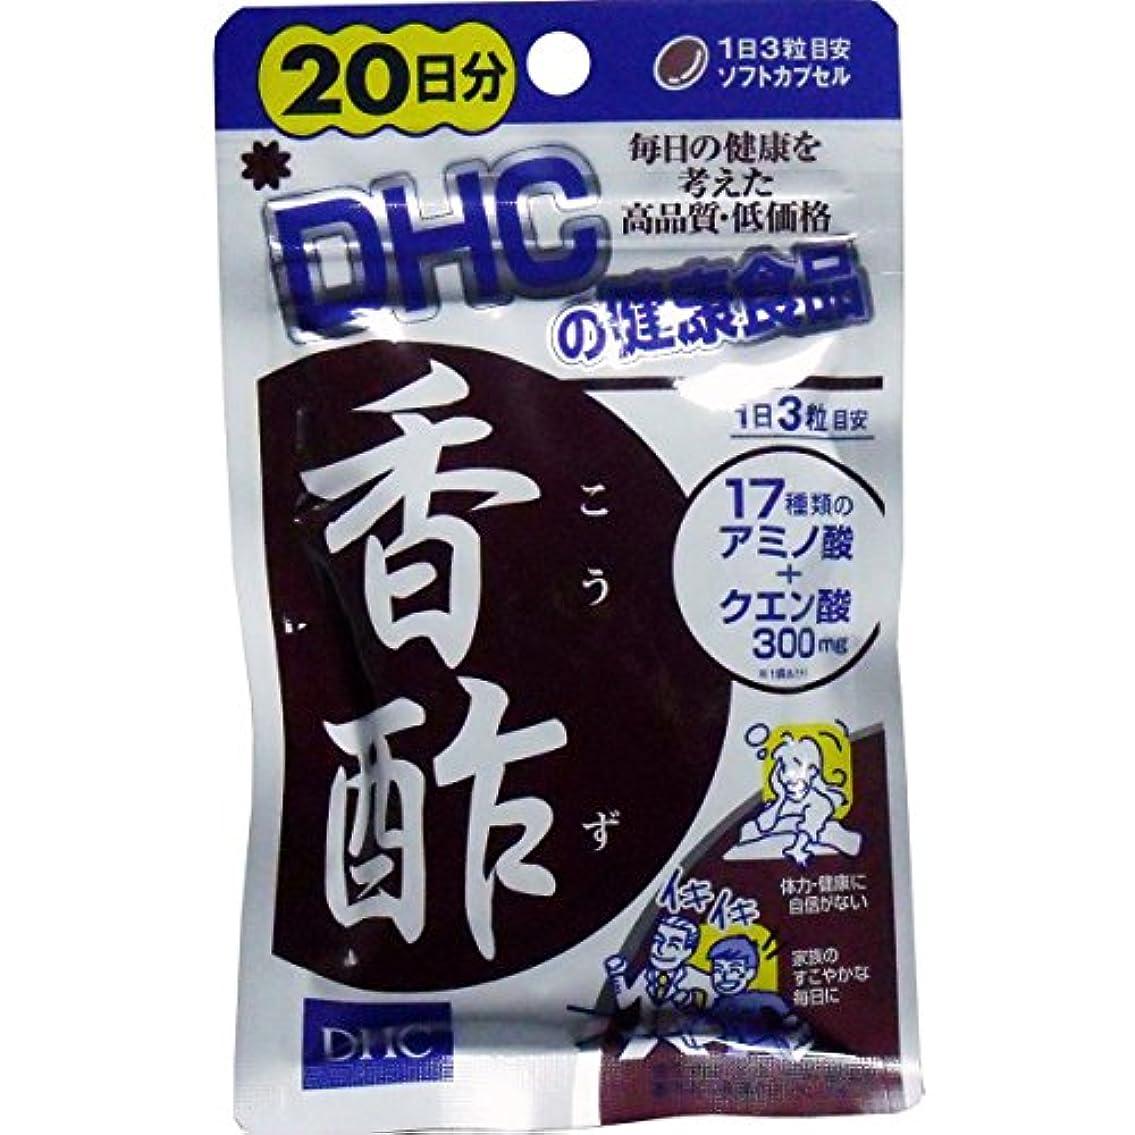 凍るどこにもそれに応じてDHC 香酢 20日分 60粒入「4点セット」